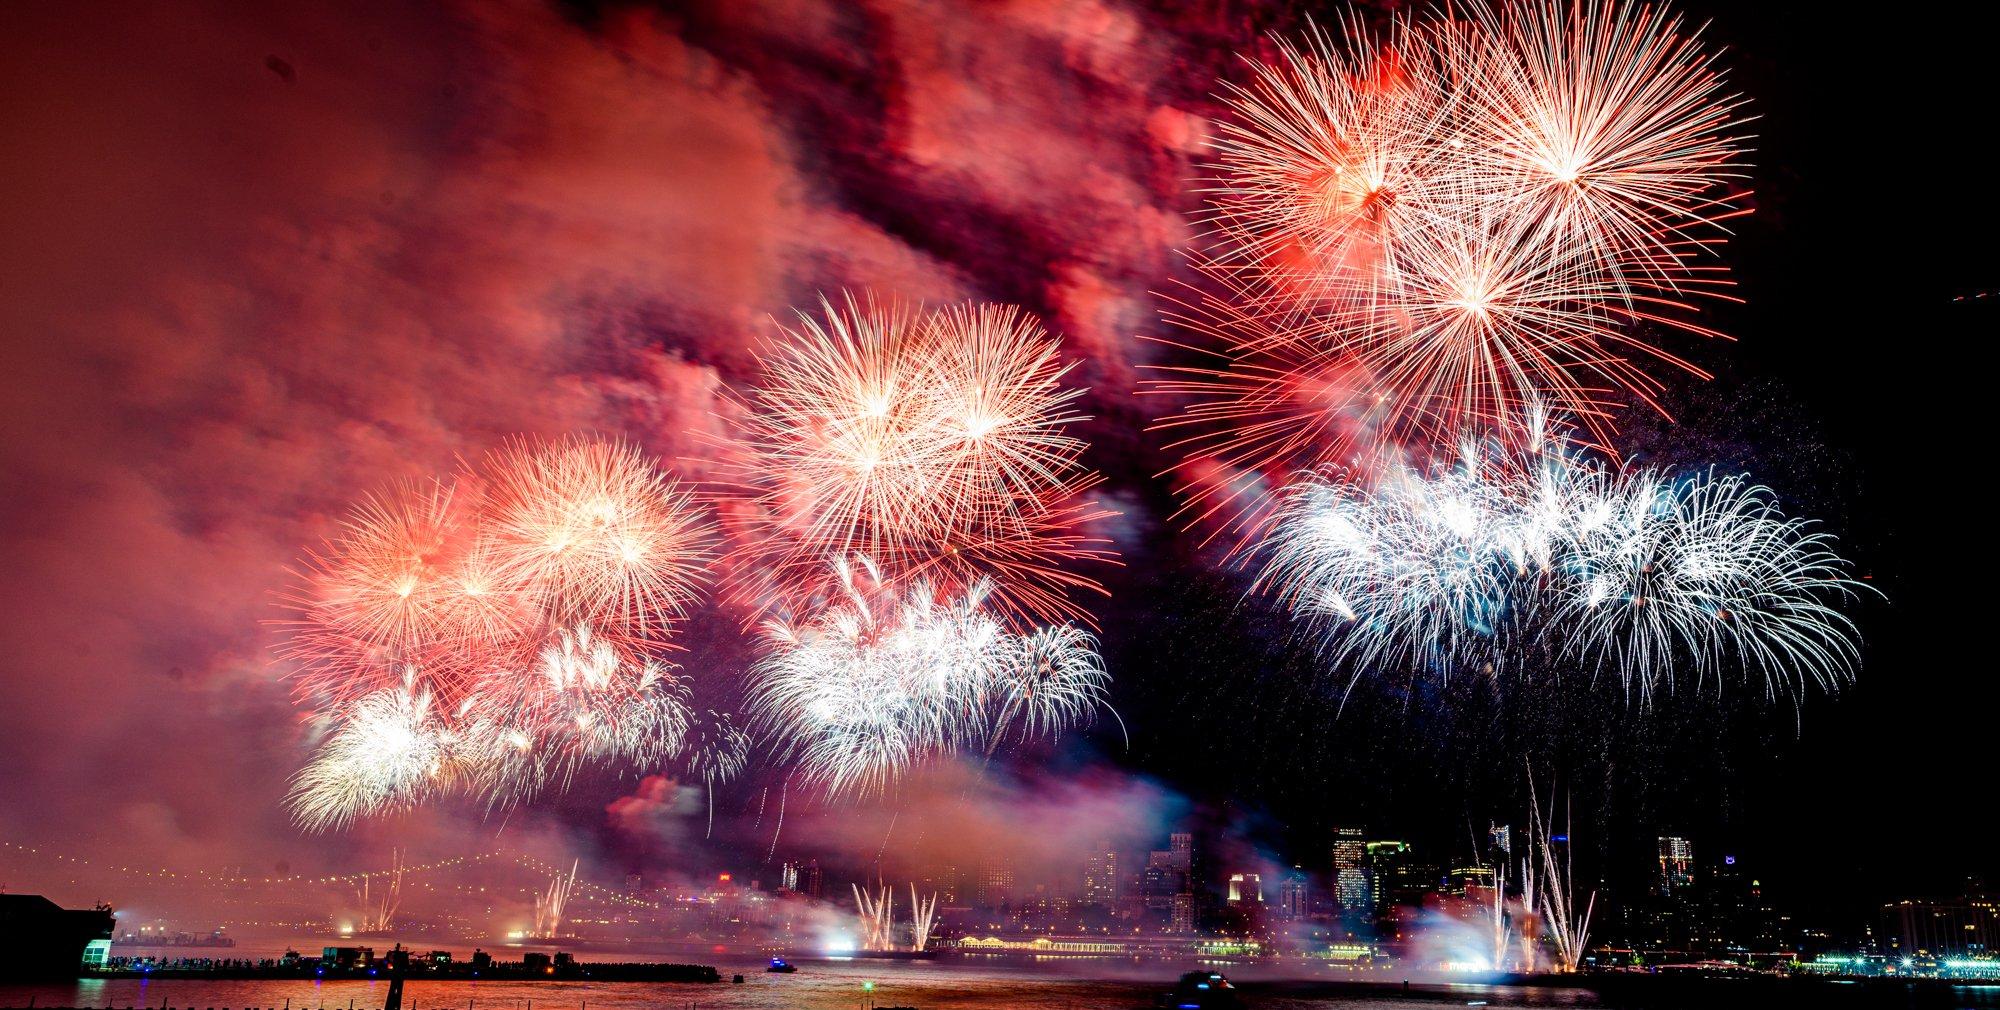 NYC Fireworks 2019